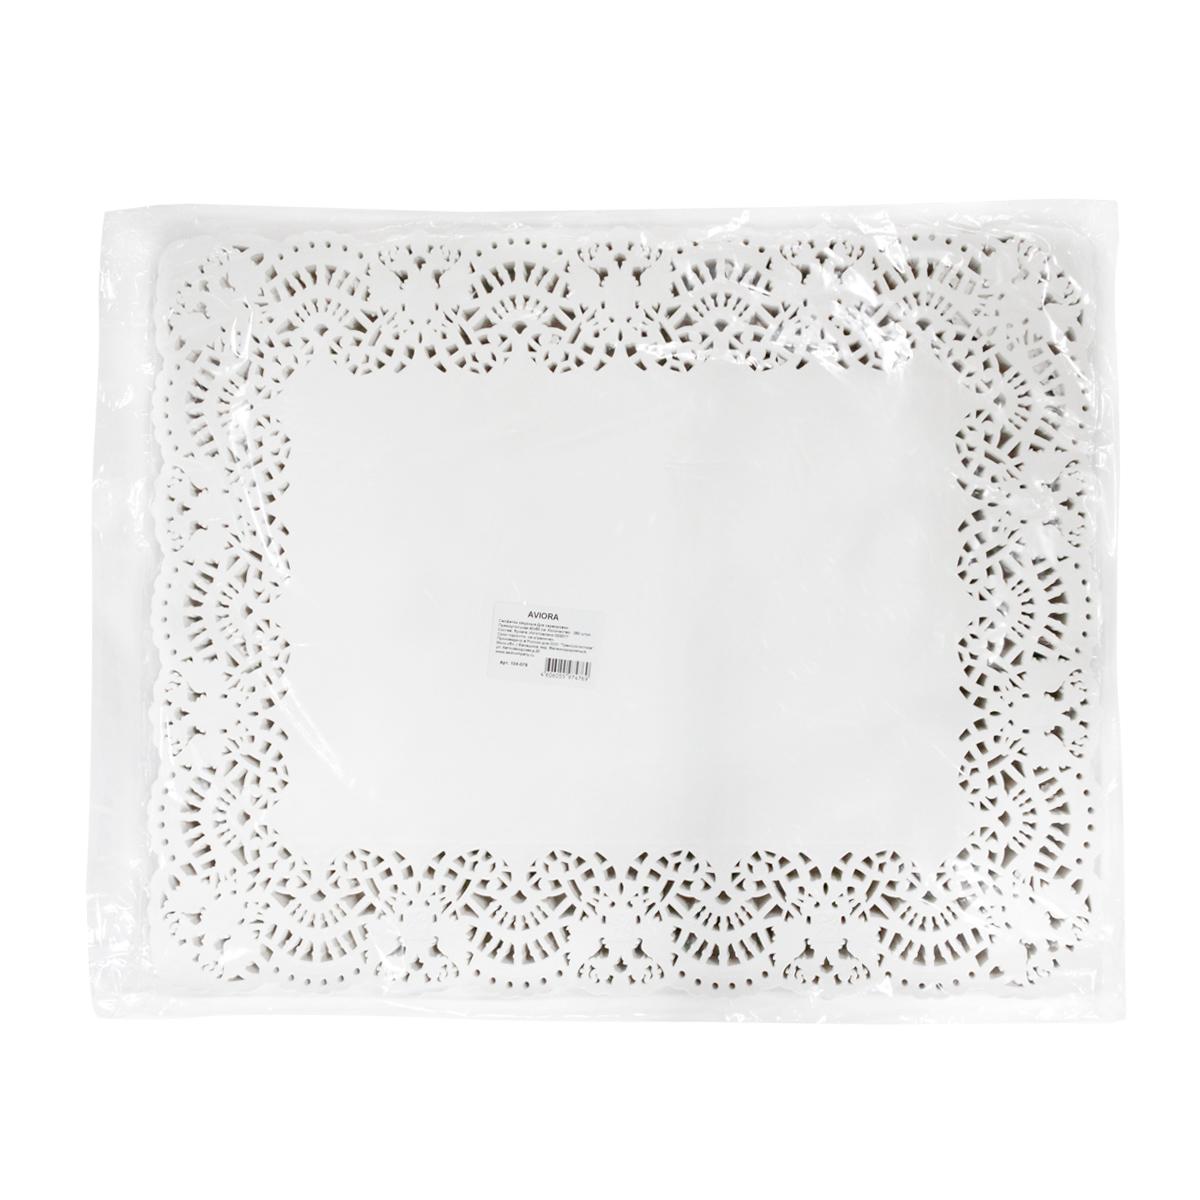 Салфетки бумажные  Aviora , ажурные, 40 х 50 см, 250 шт -  Товары для барбекю и пикника